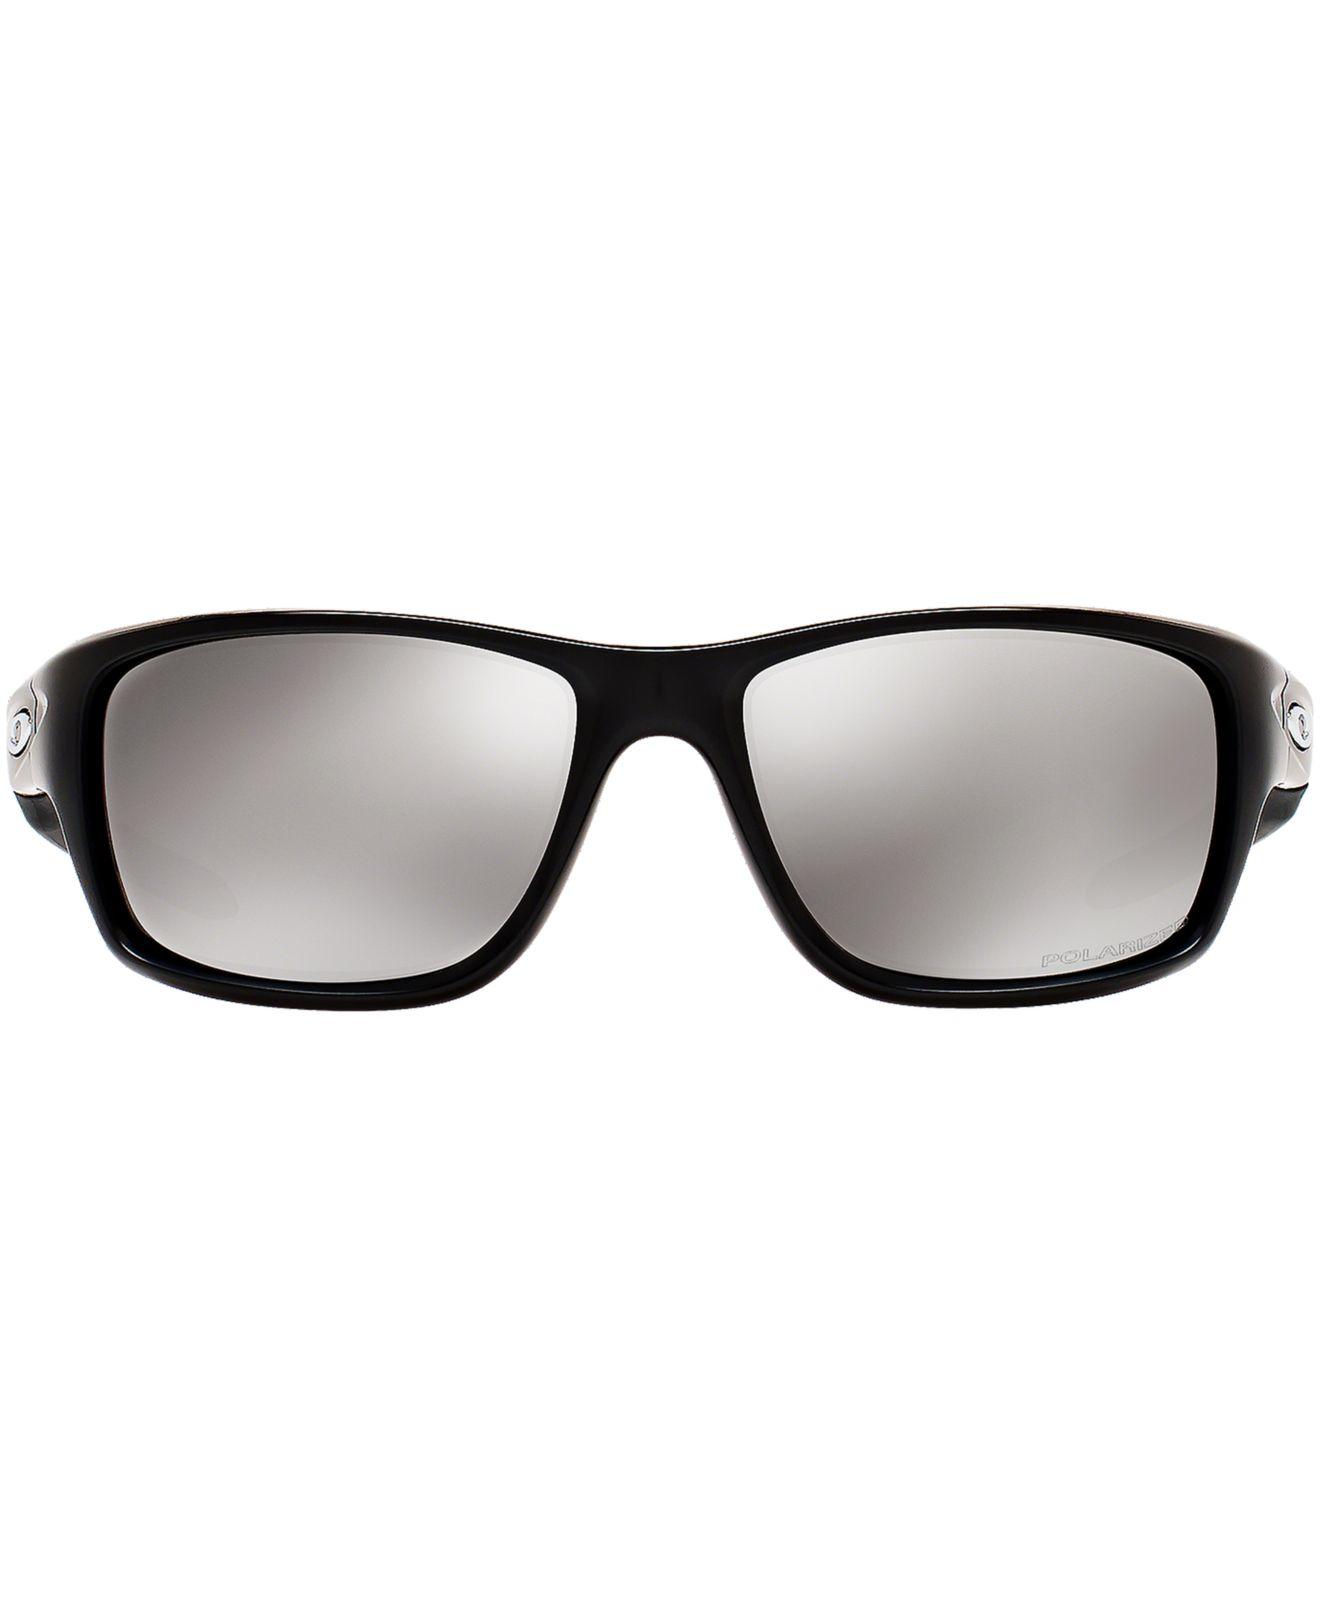 beebad648e Oakley Canteen Sunglasses For Men « Heritage Malta